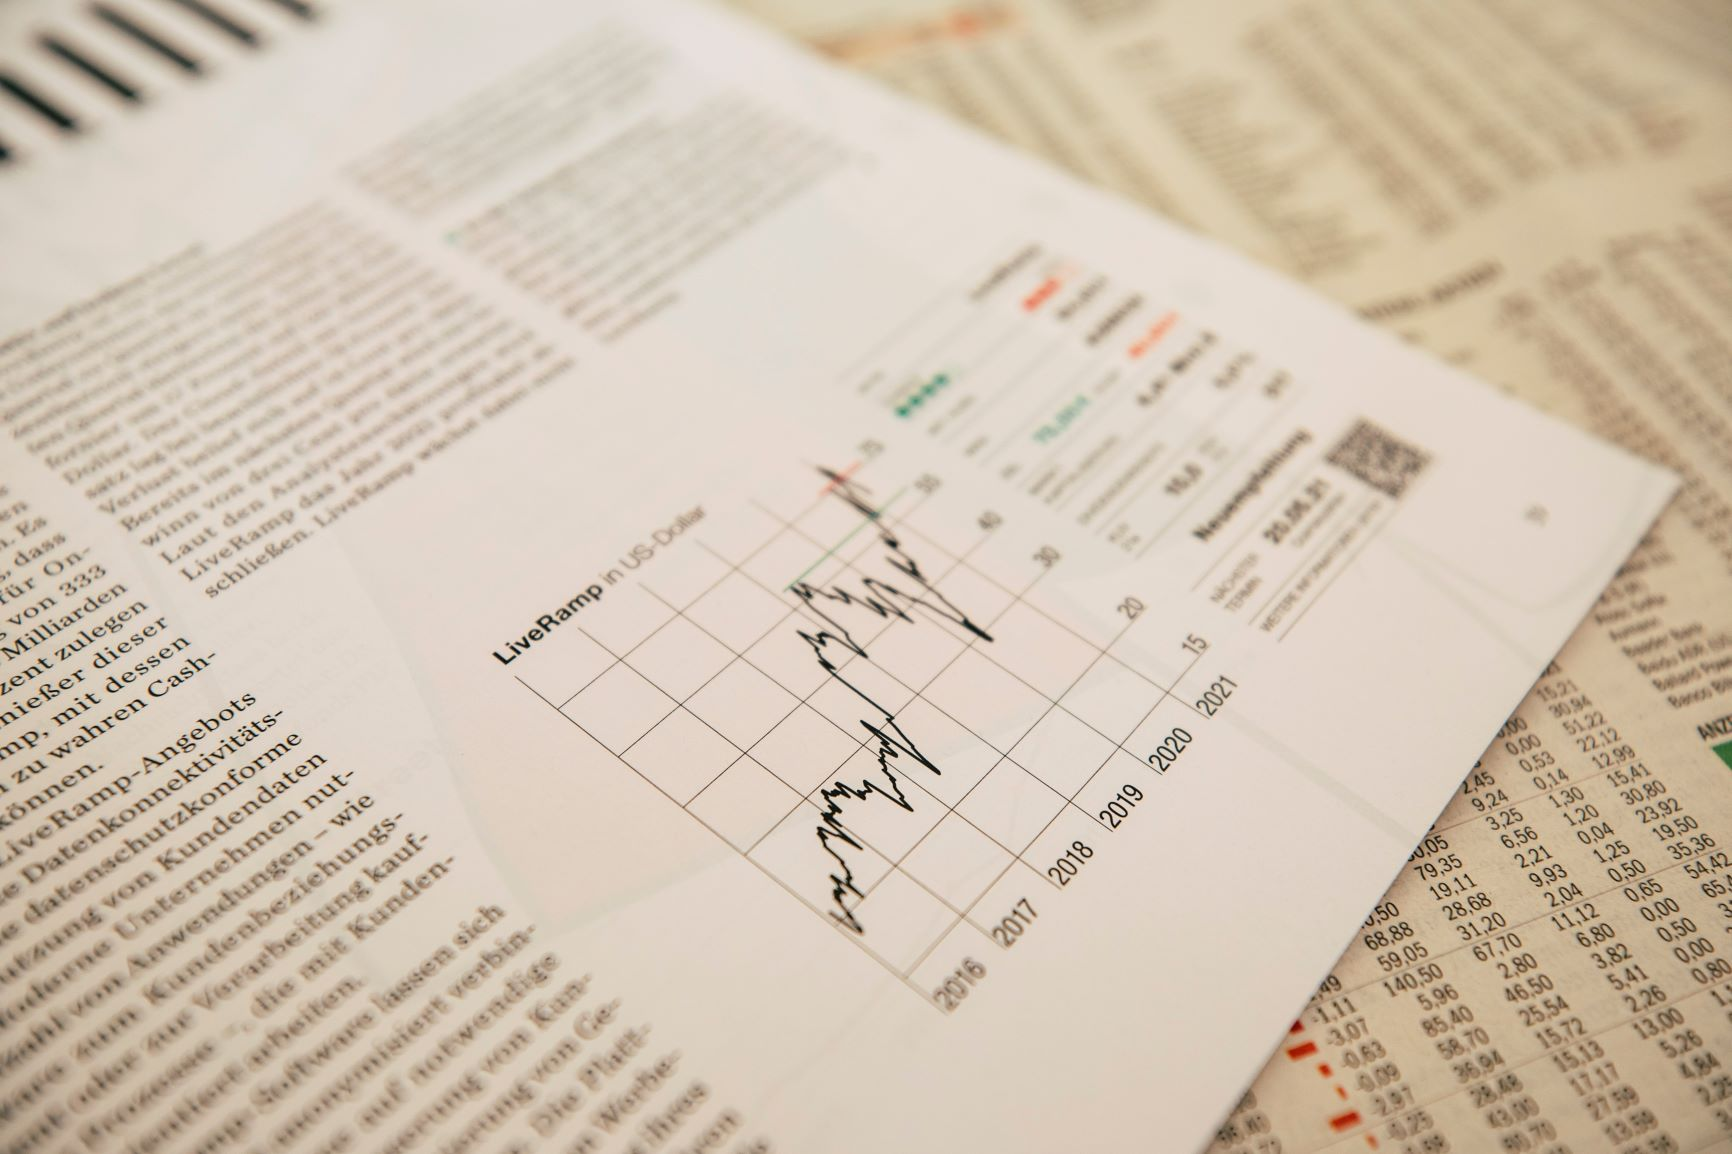 9 кращих способів навчитися торгувати акціями від ЦБТ - фото 1